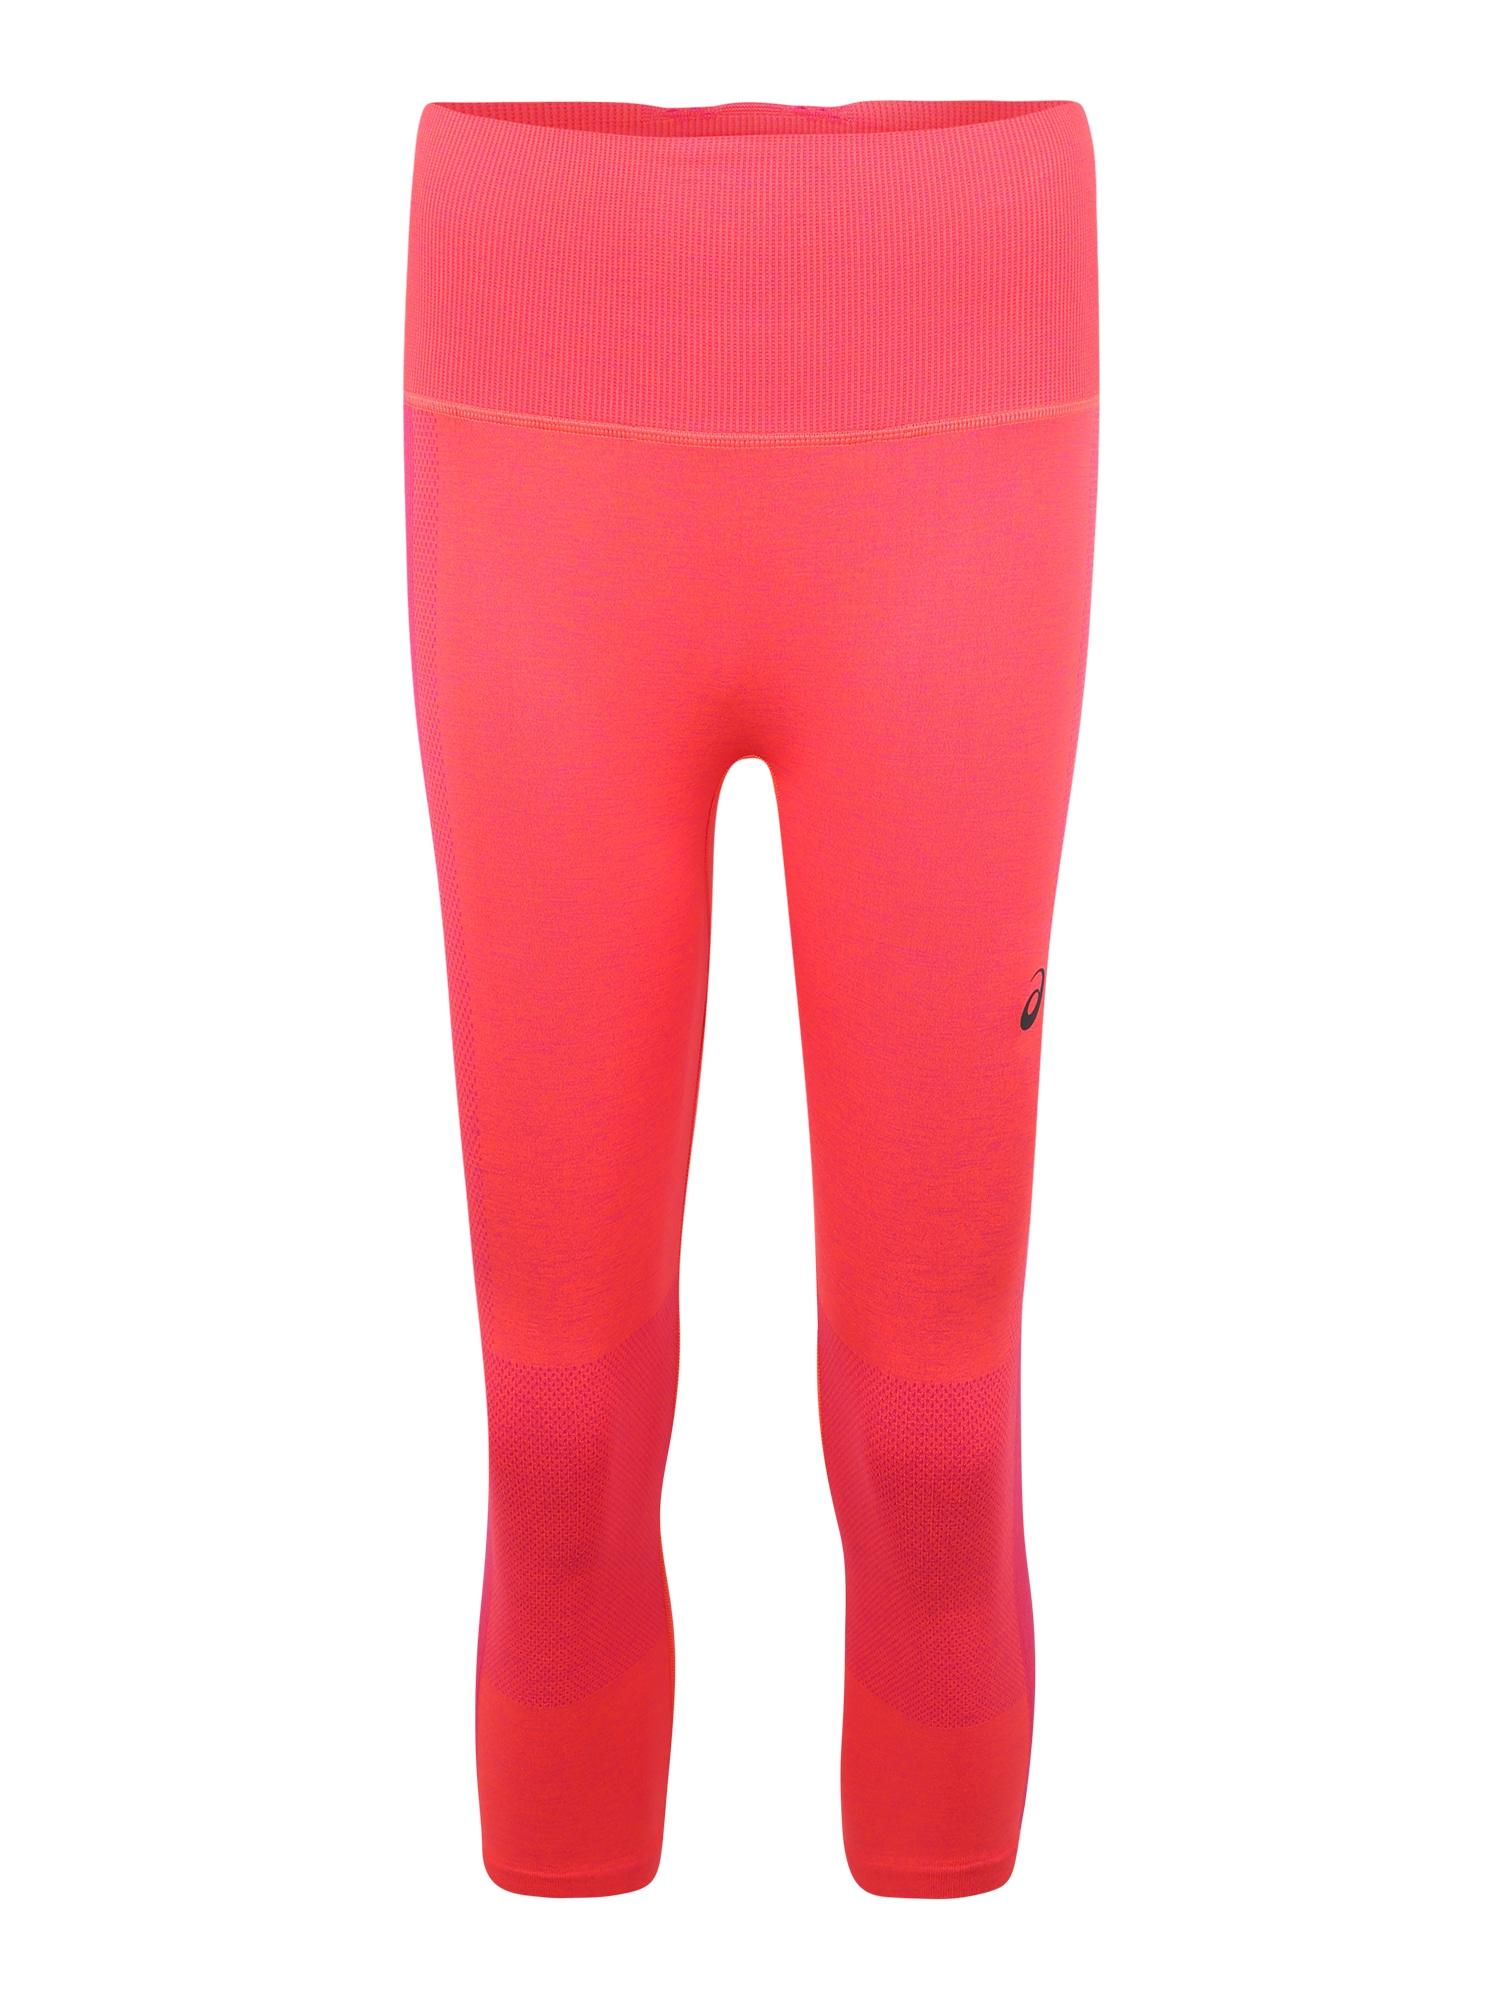 Sportovní kalhoty Cooling Seamless pink ASICS